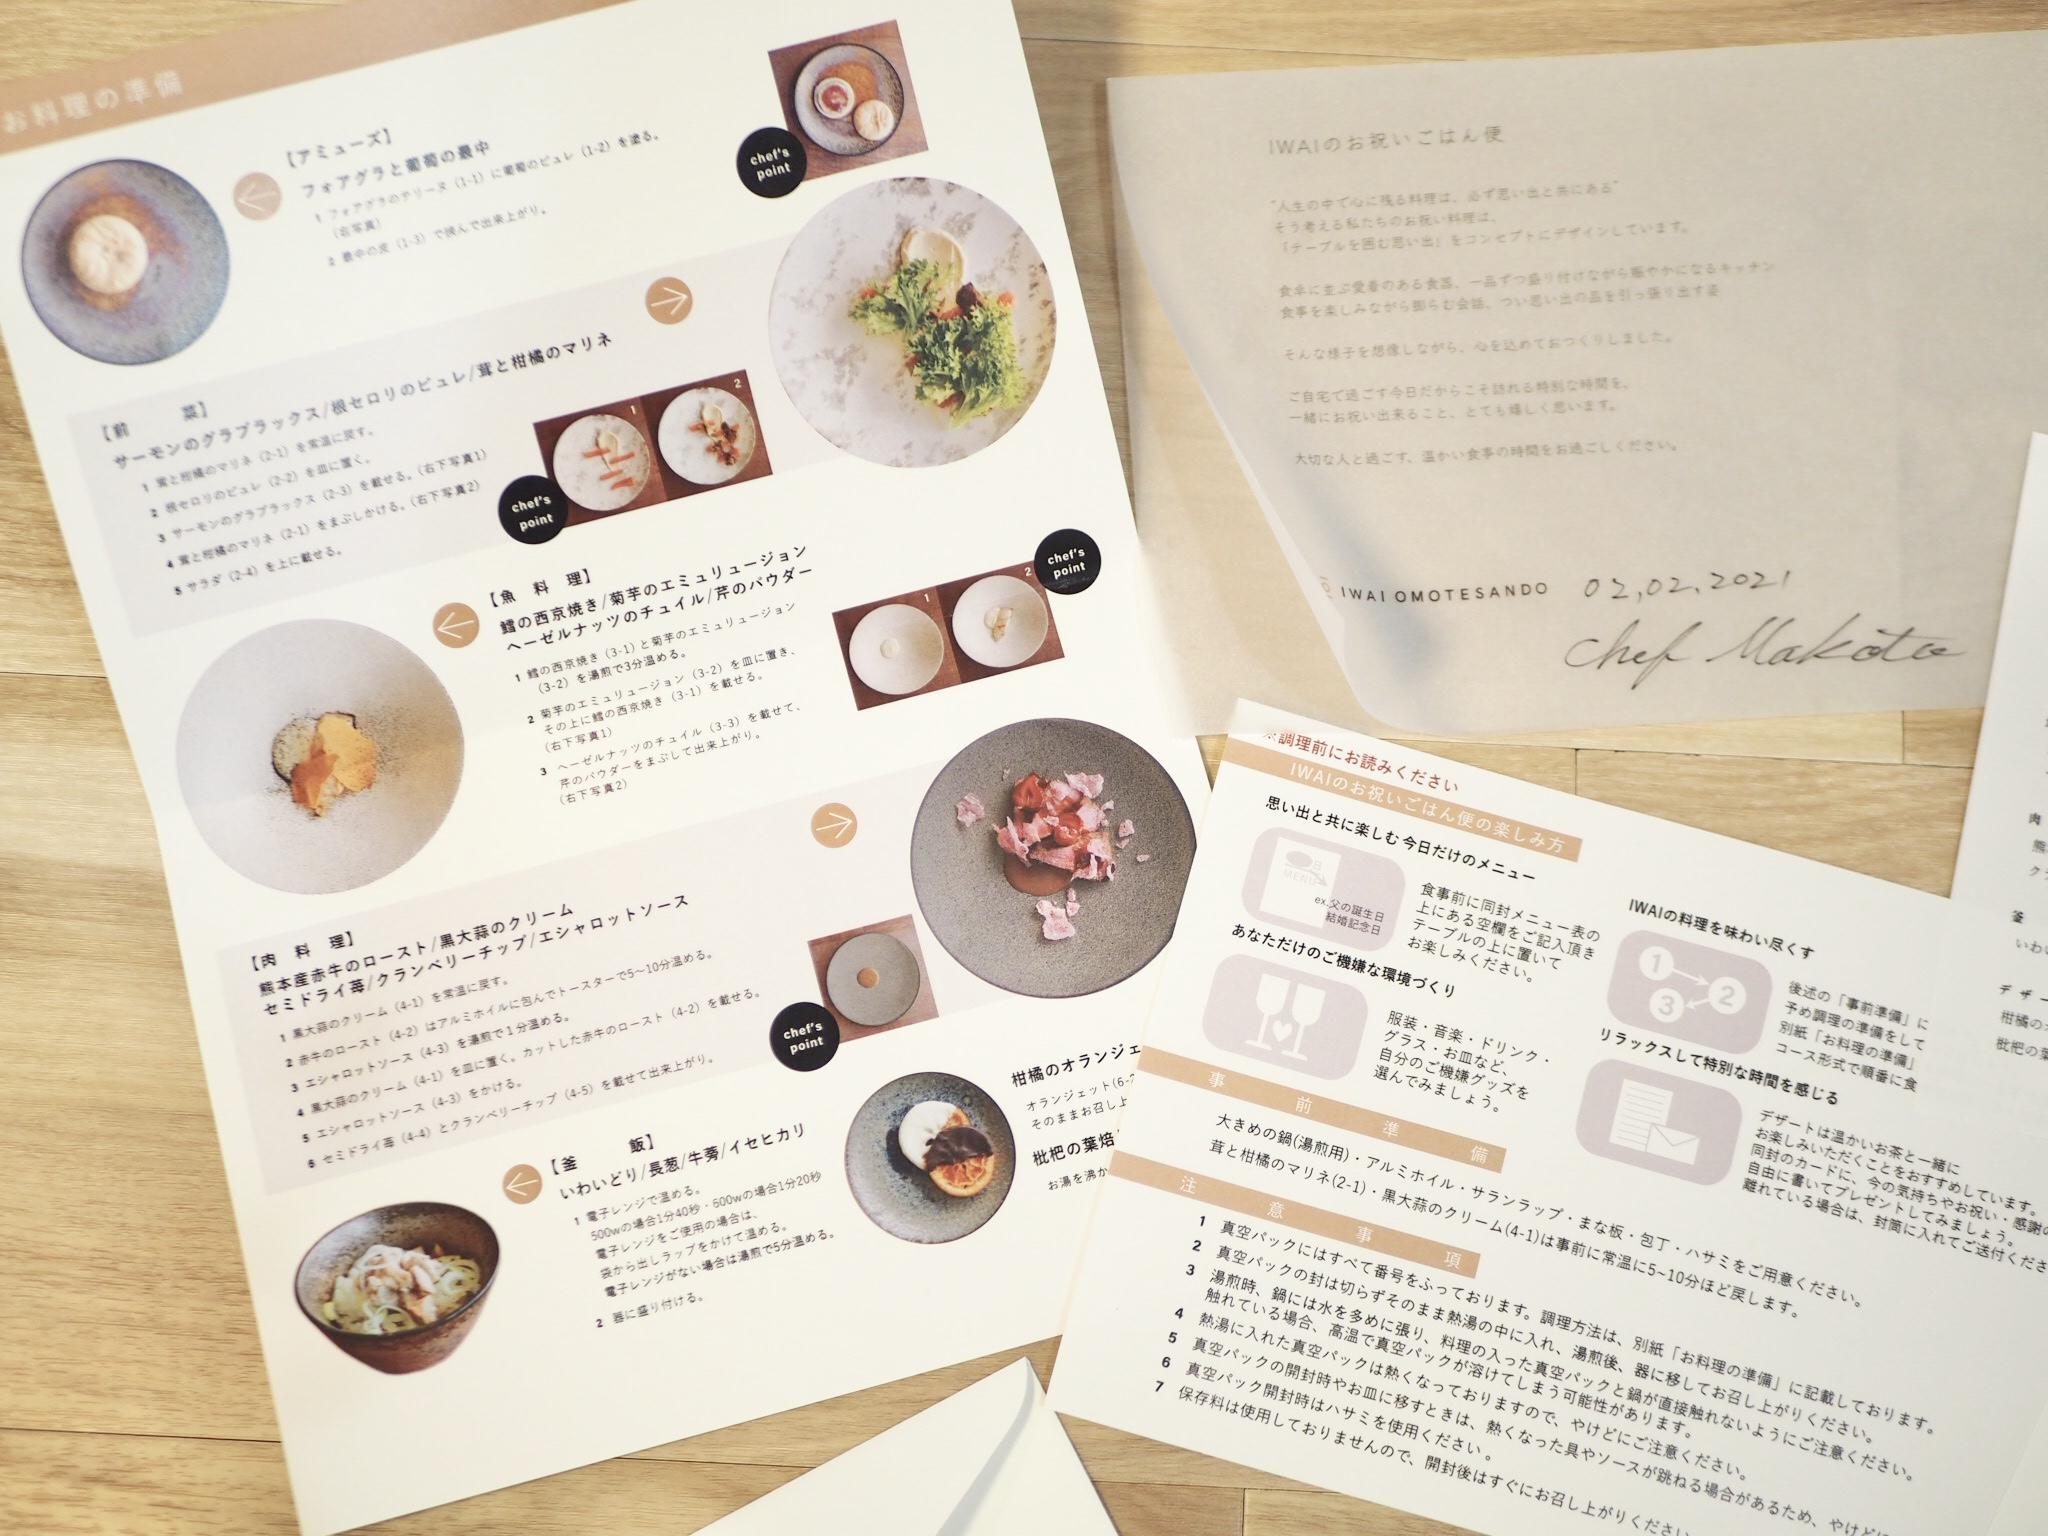 【#IWAIのお祝いご飯便】記念日におうちで本格コース料理!今だからこそのお祝いの時間♡_6